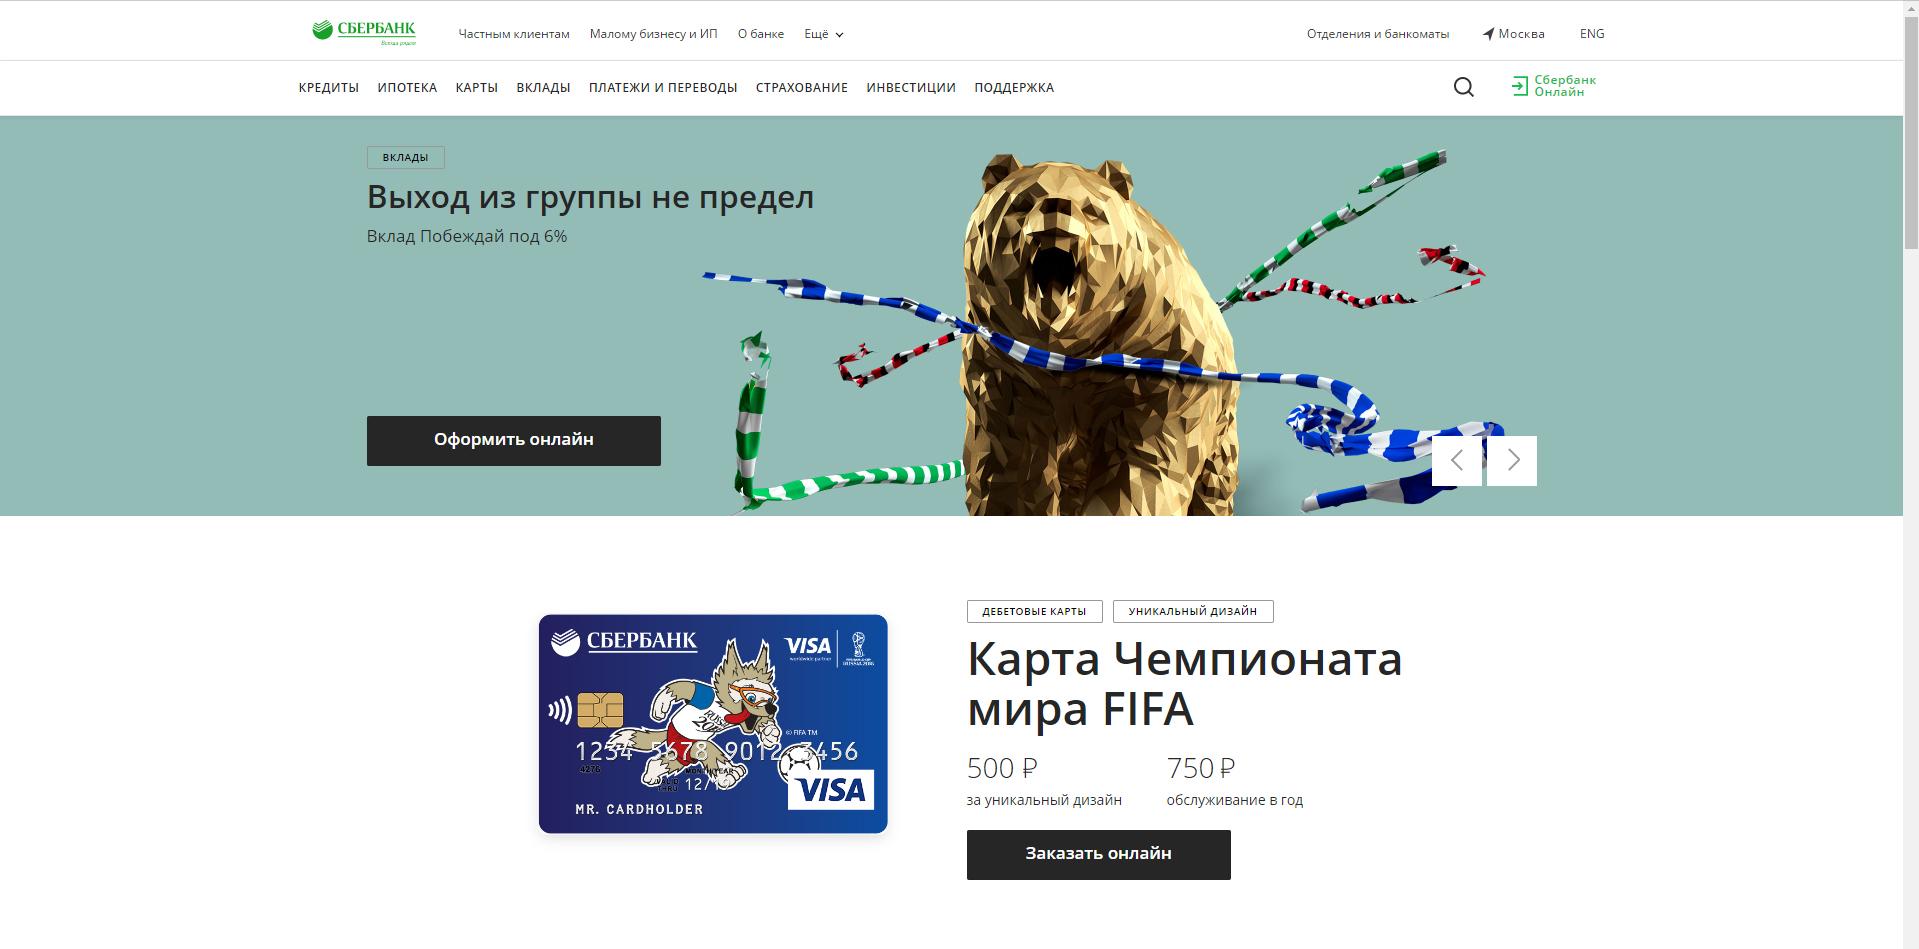 Дизайн сайта Сбербанка в 2018 году